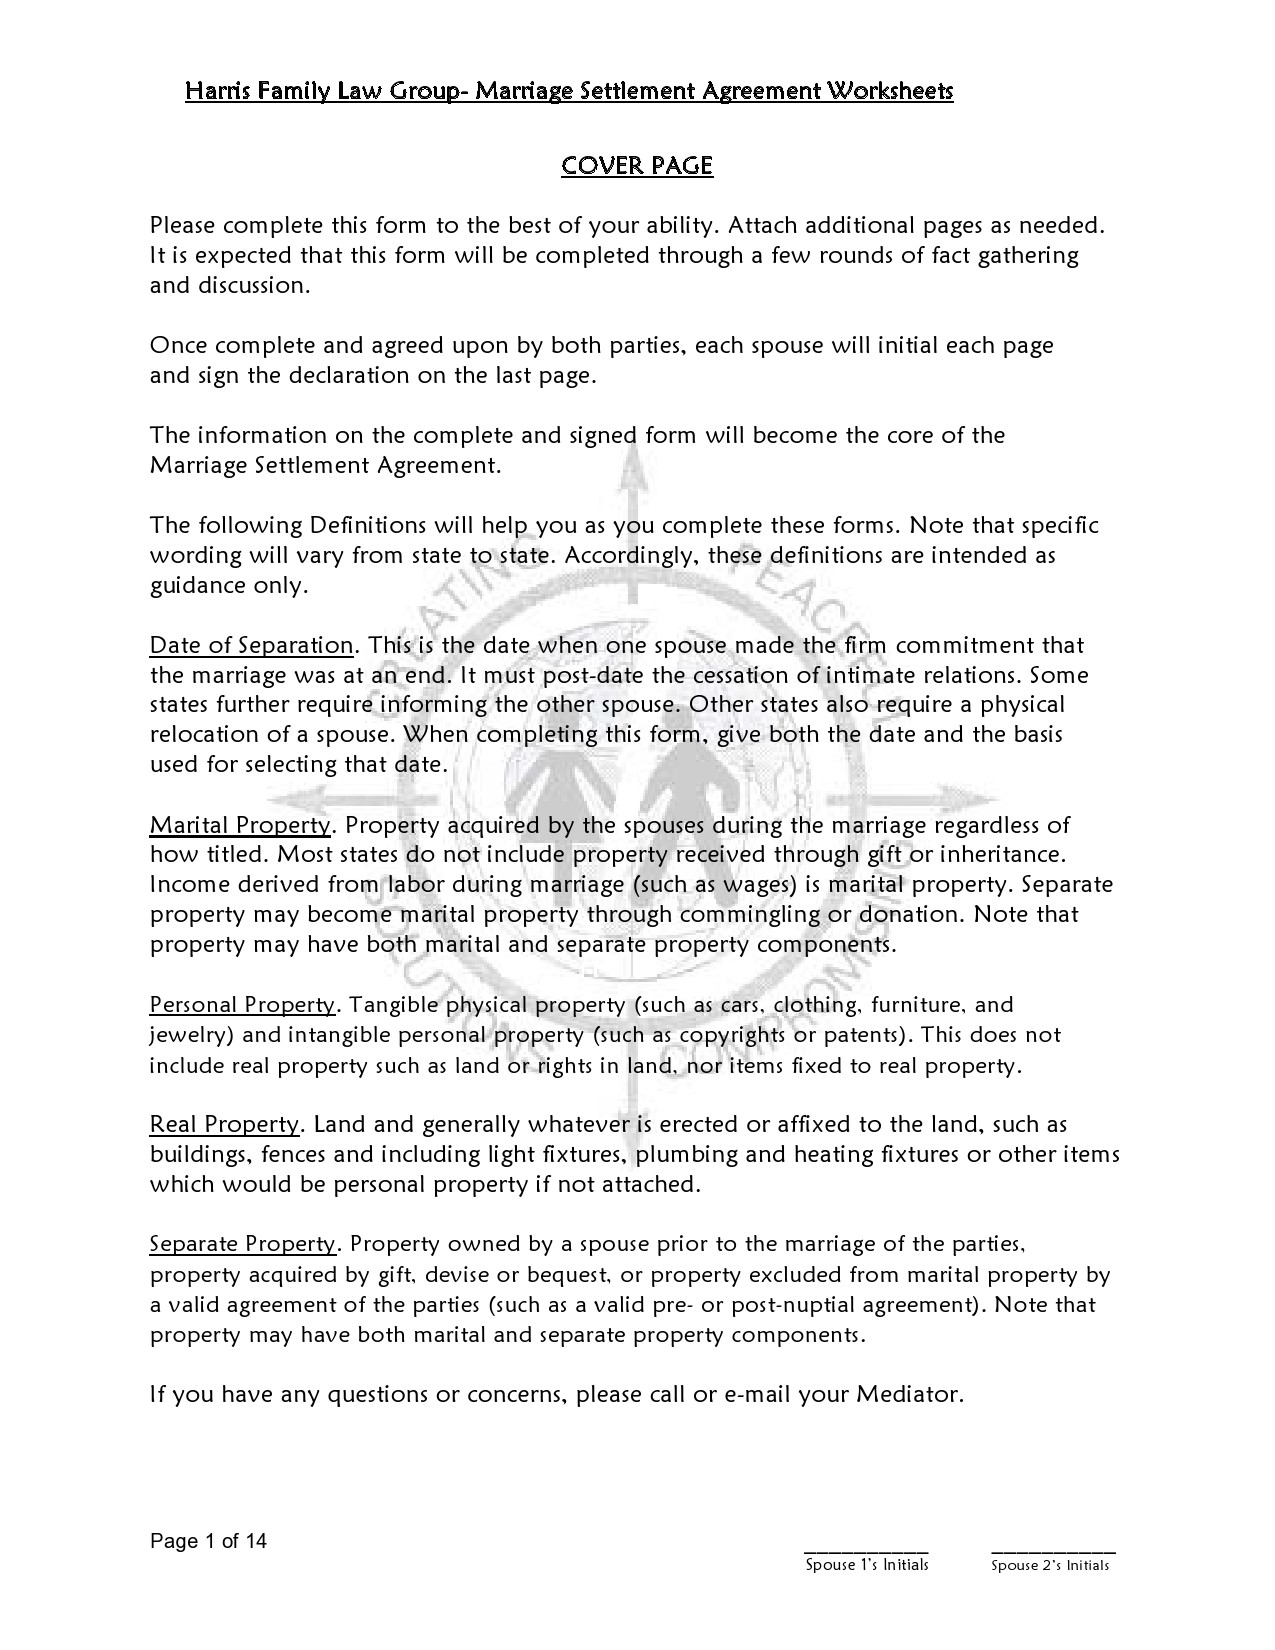 Free marital settlement agreement 30